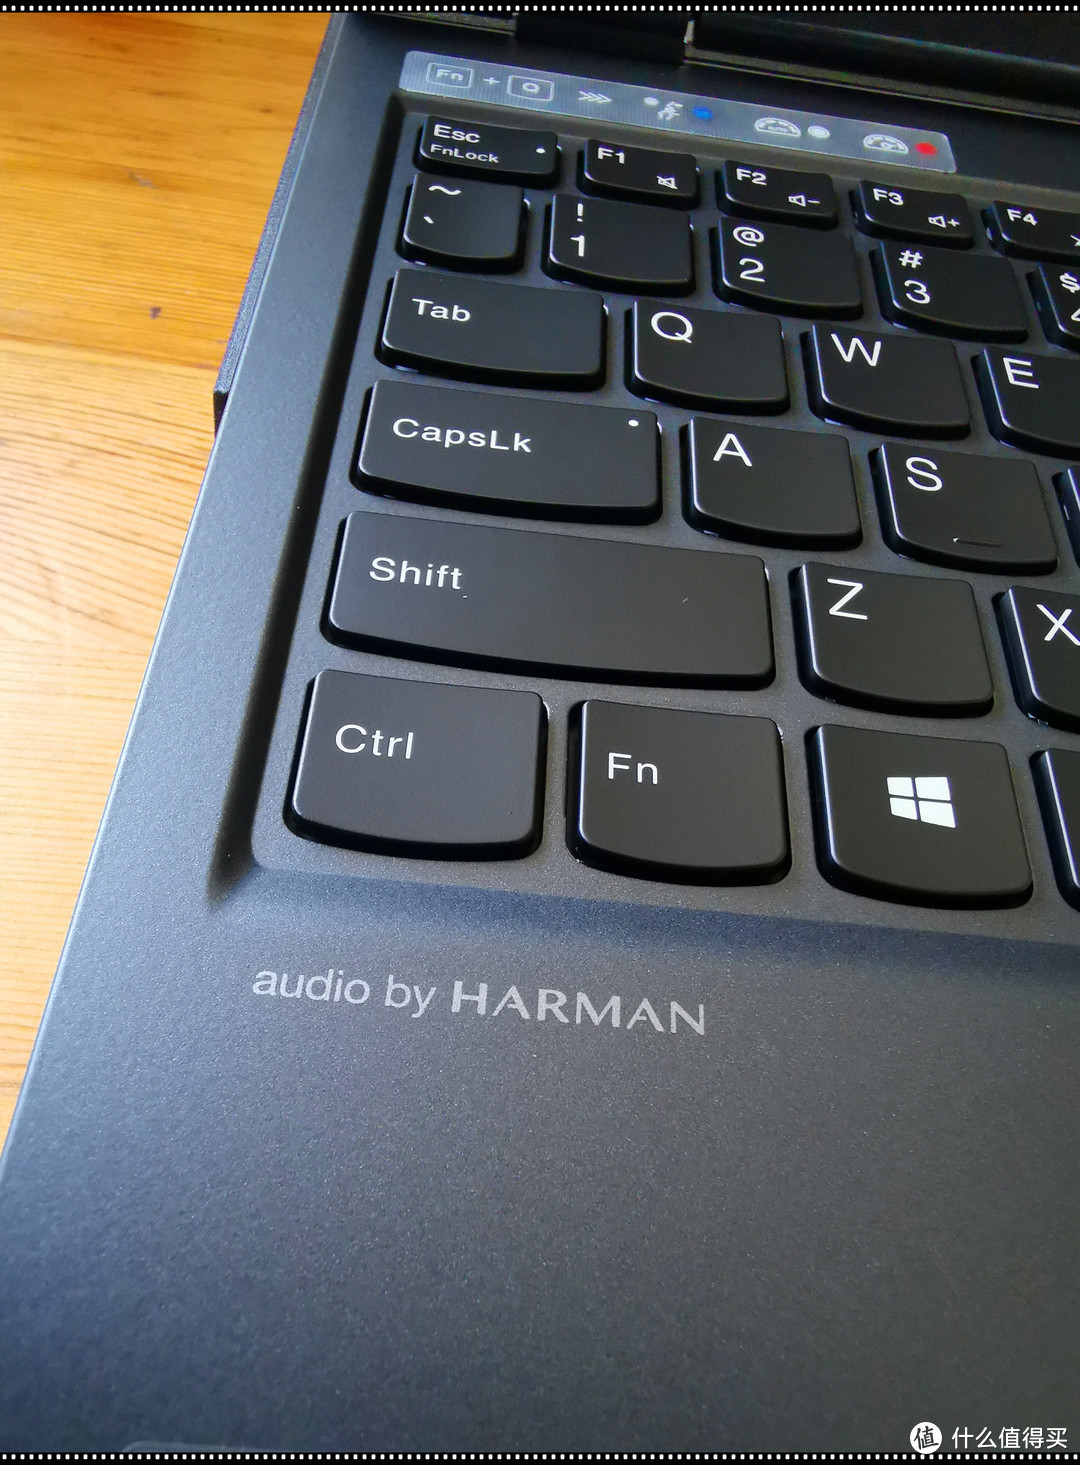 哈曼卡顿音响,估计是入门级的东西